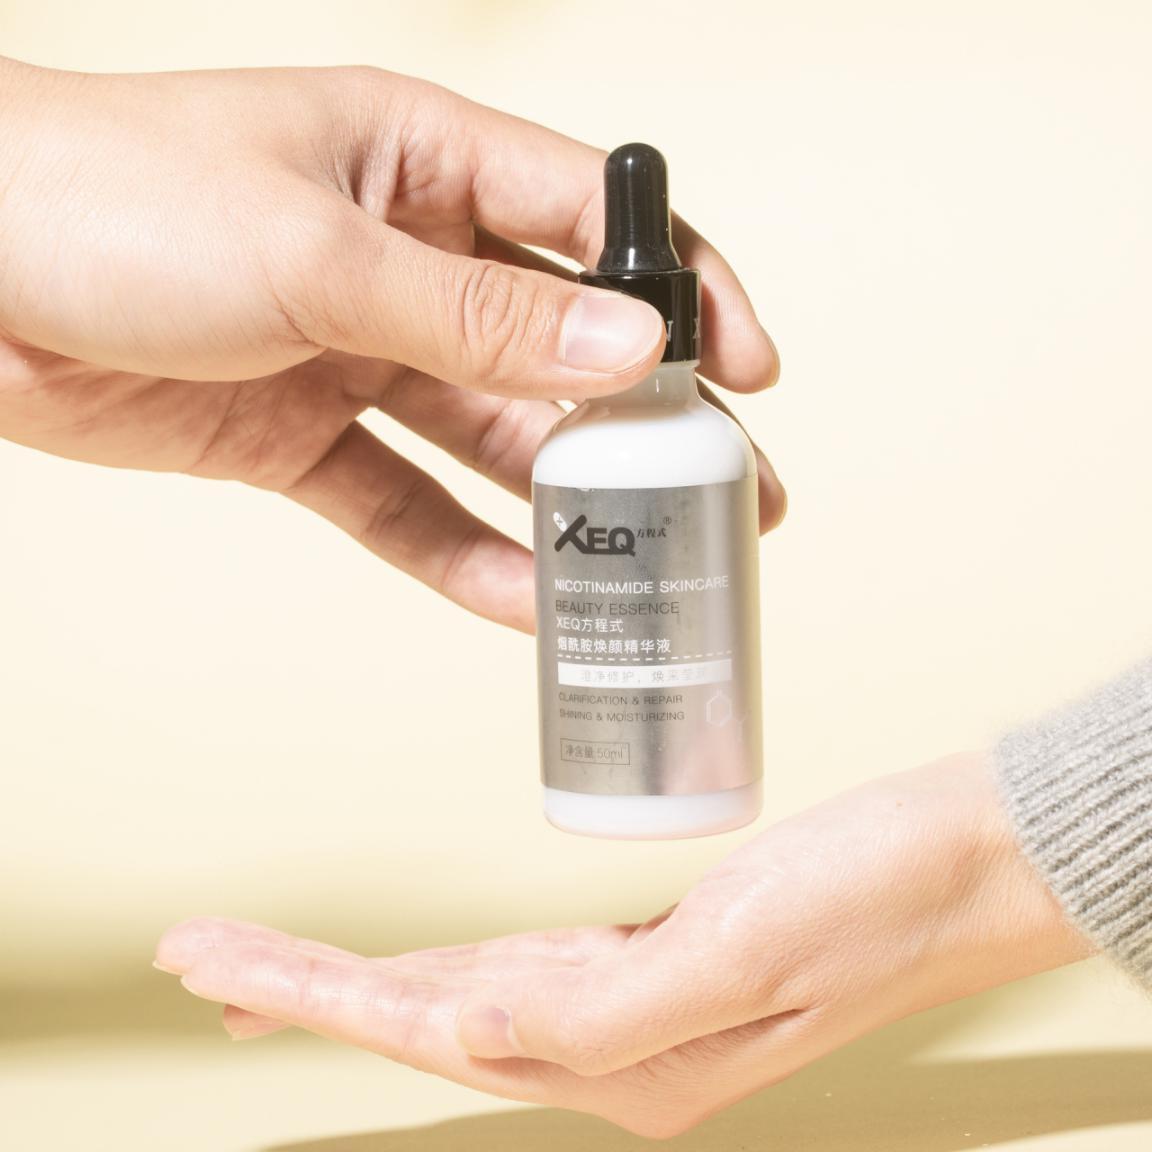 德沃新品上市   XEQ烟酰胺让肌肤自带光感